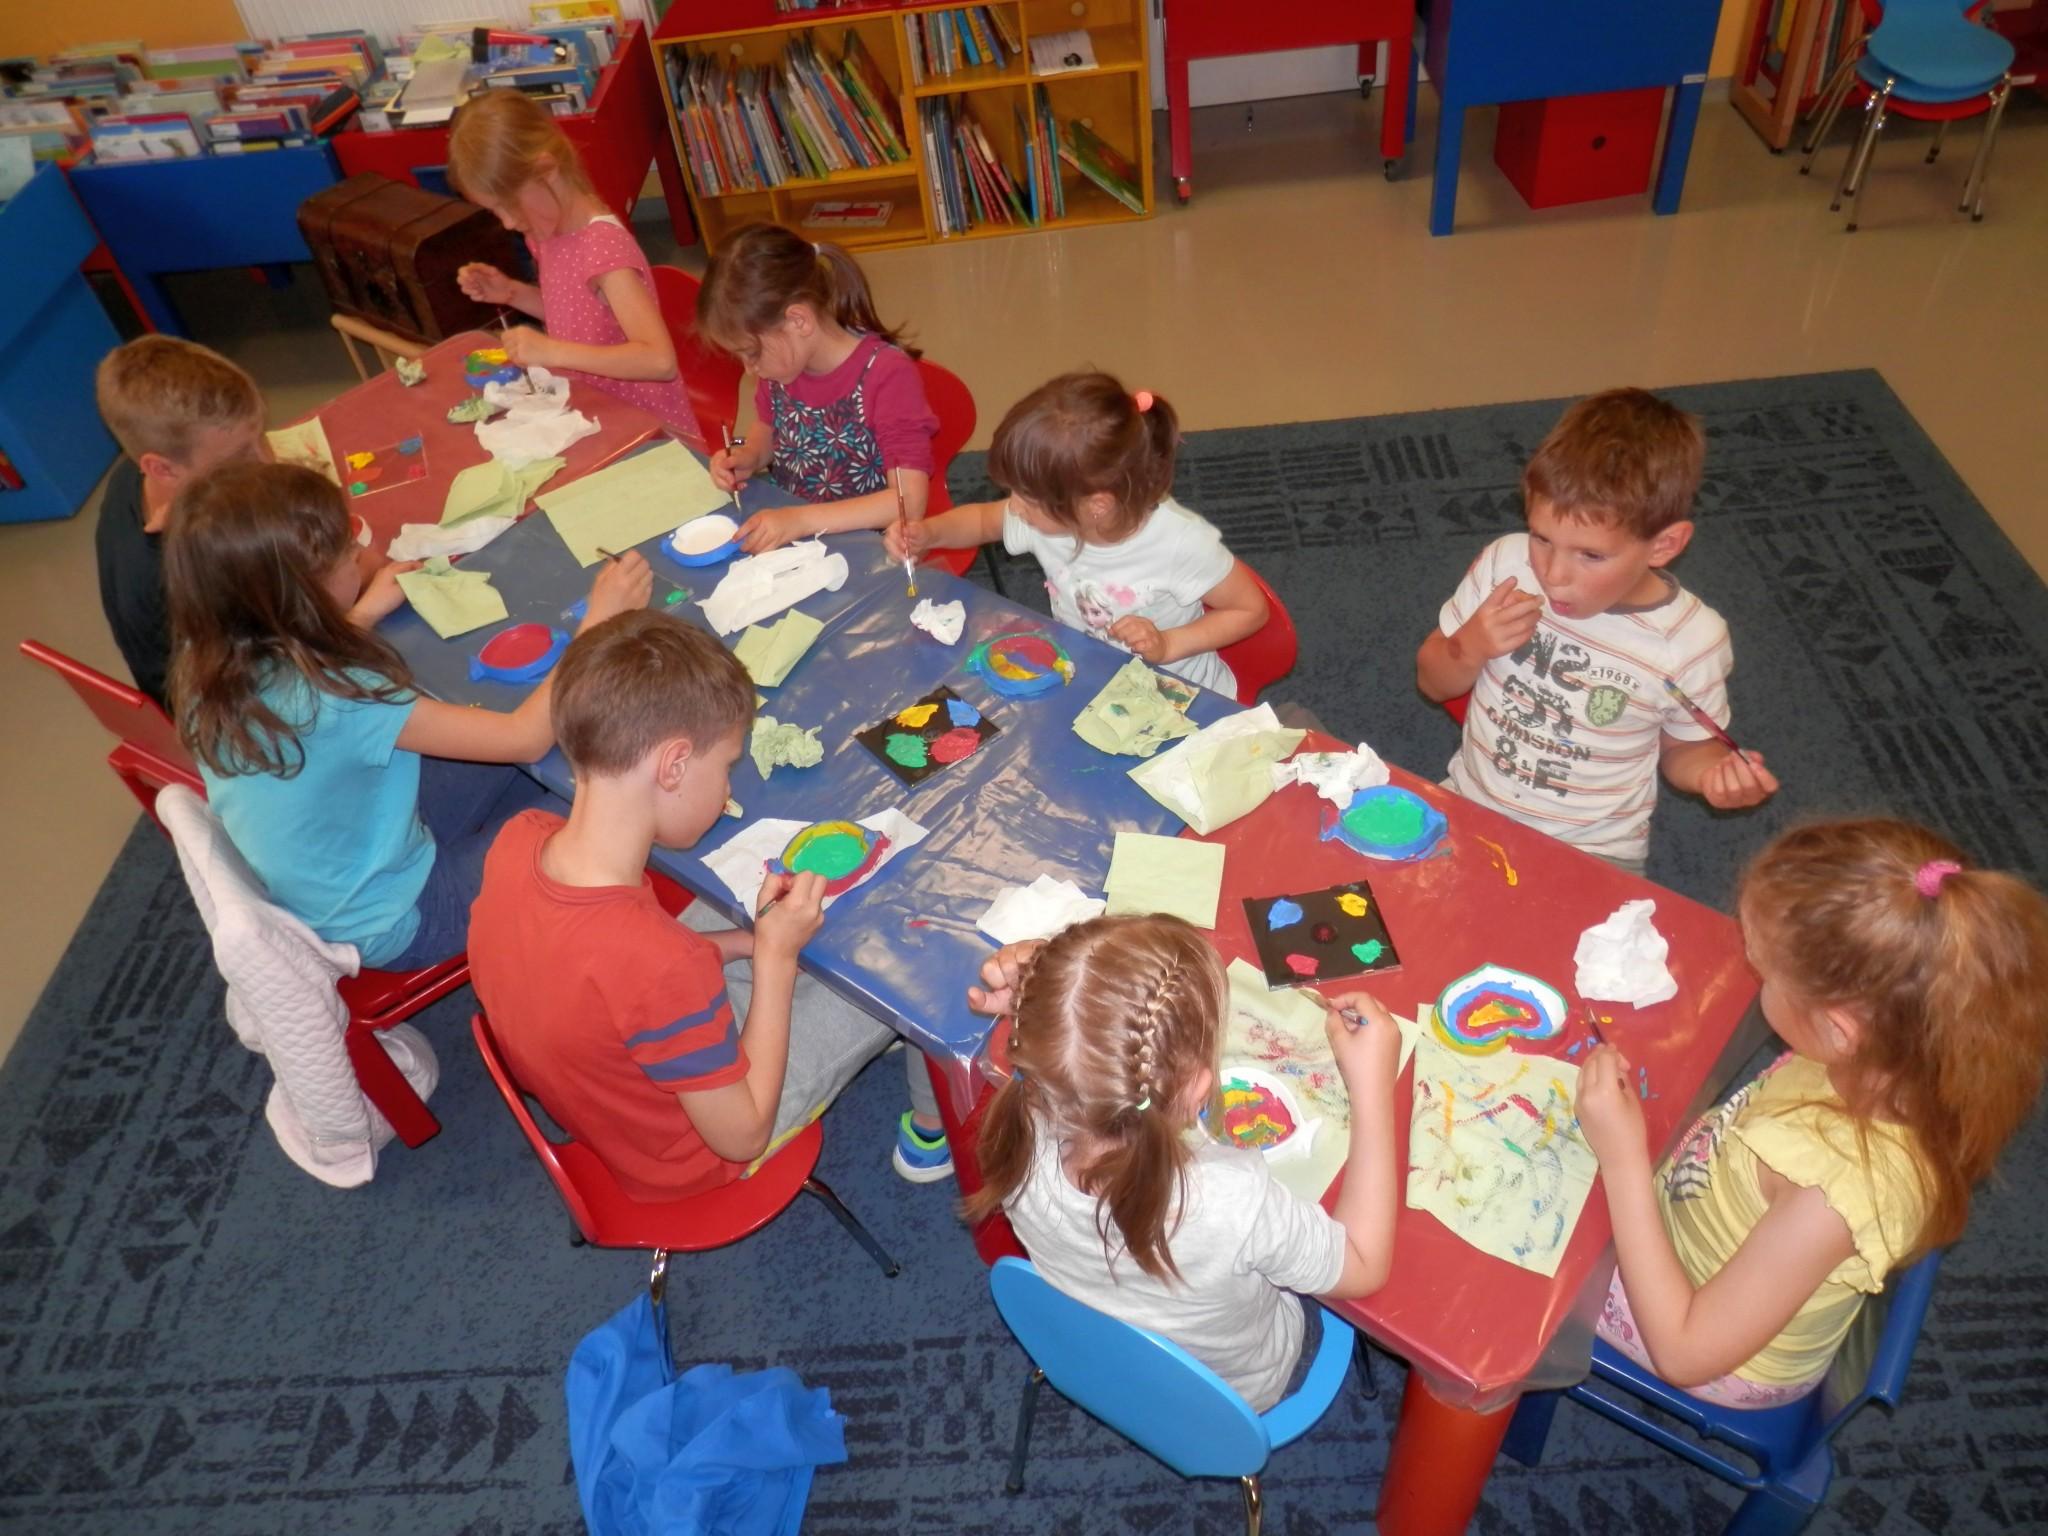 P6160159 - Pravljični rožnik - pravljična urica z ustvarjalno delavnico za otroke od 4. leta dalje